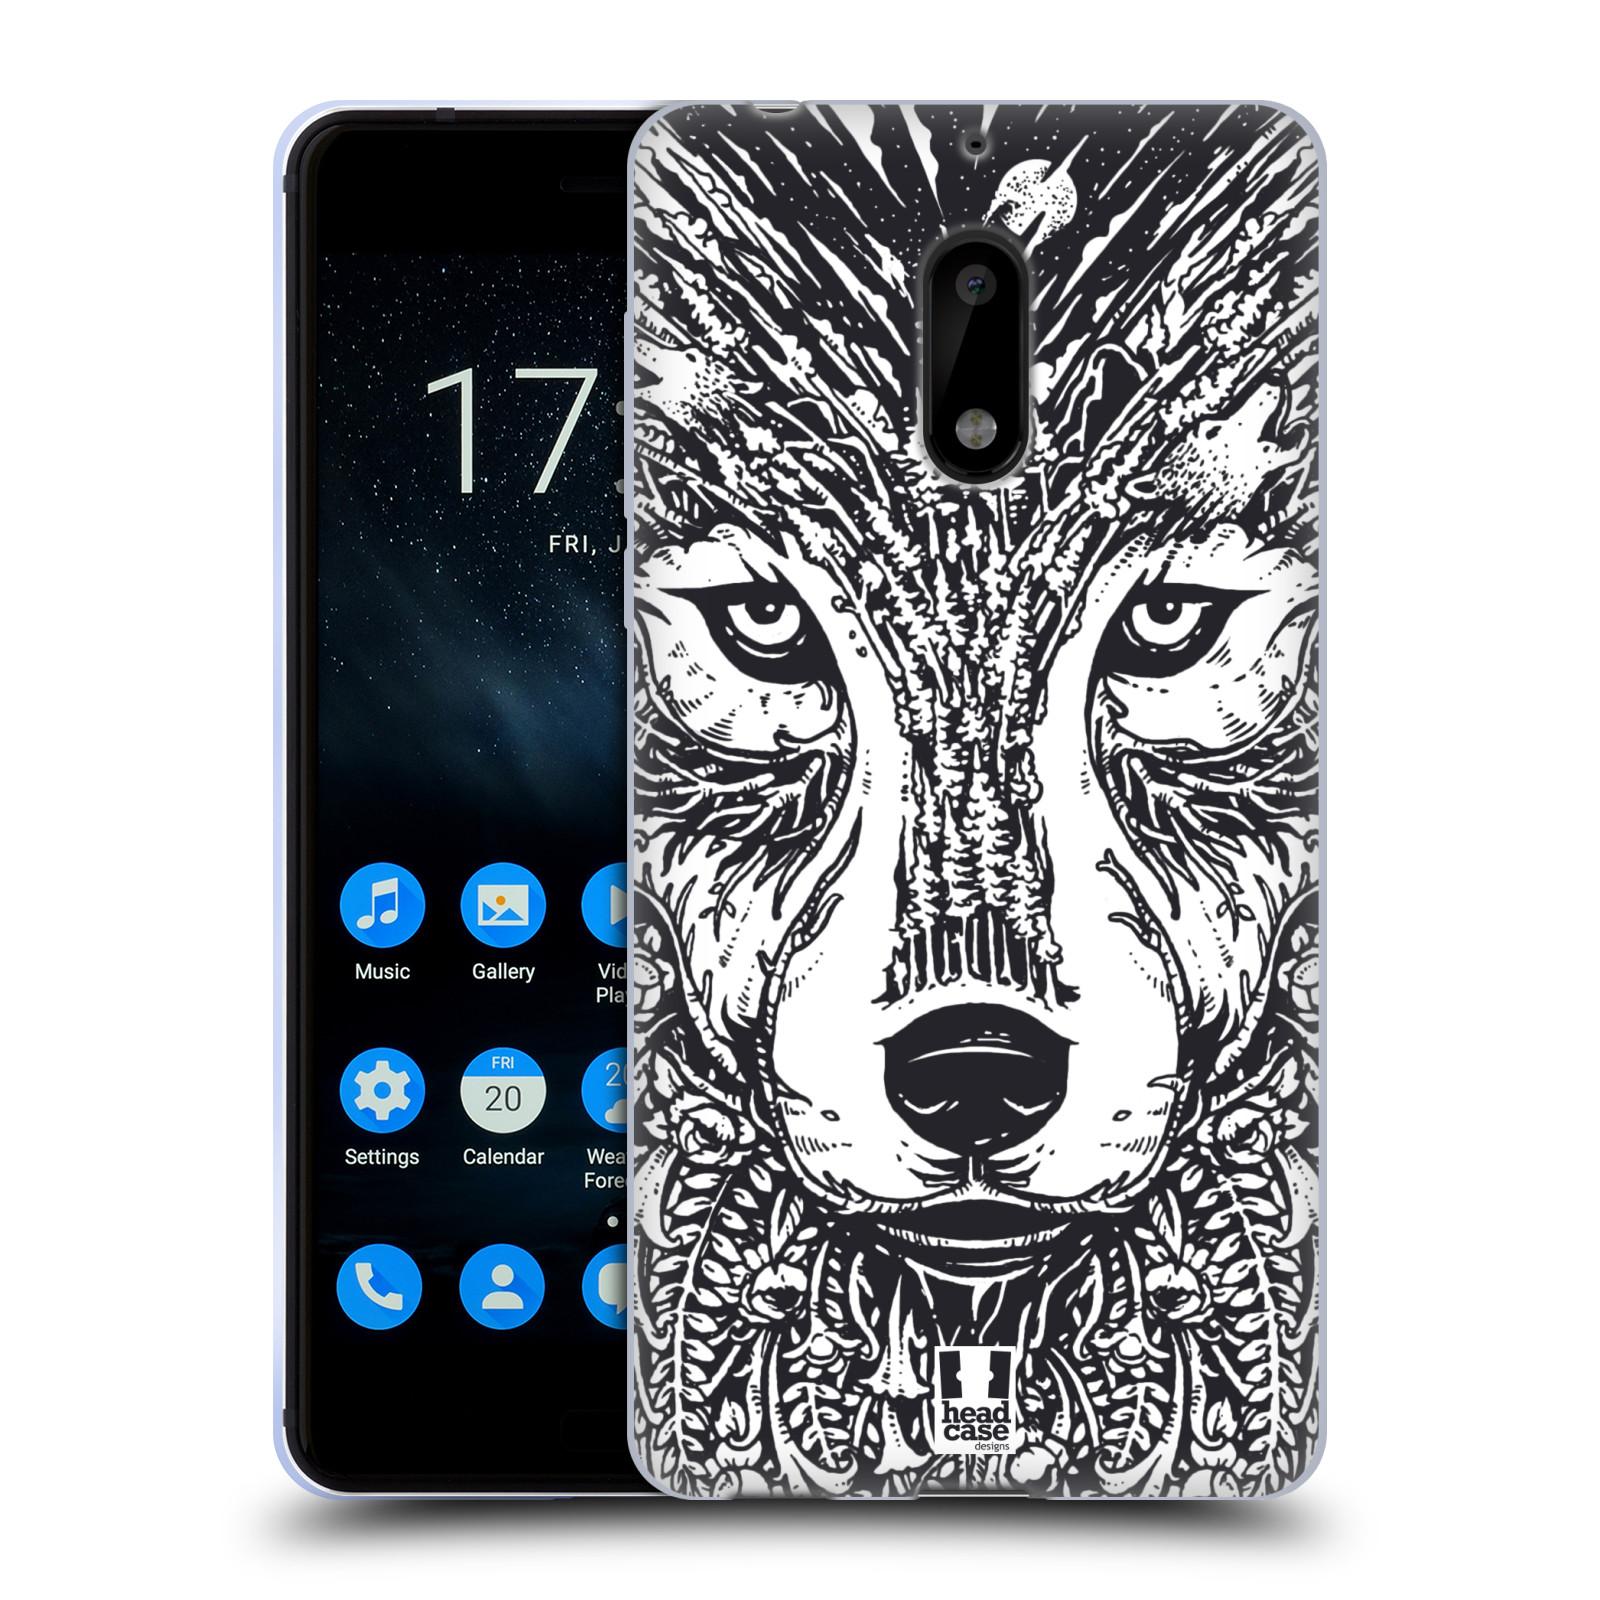 Silikonové pouzdro na mobil Nokia 6 - Head Case - DOODLE TVÁŘ VLK (Silikonový kryt či obal na mobilní telefon Nokia 6 s motivem DOODLE TVÁŘ VLK)